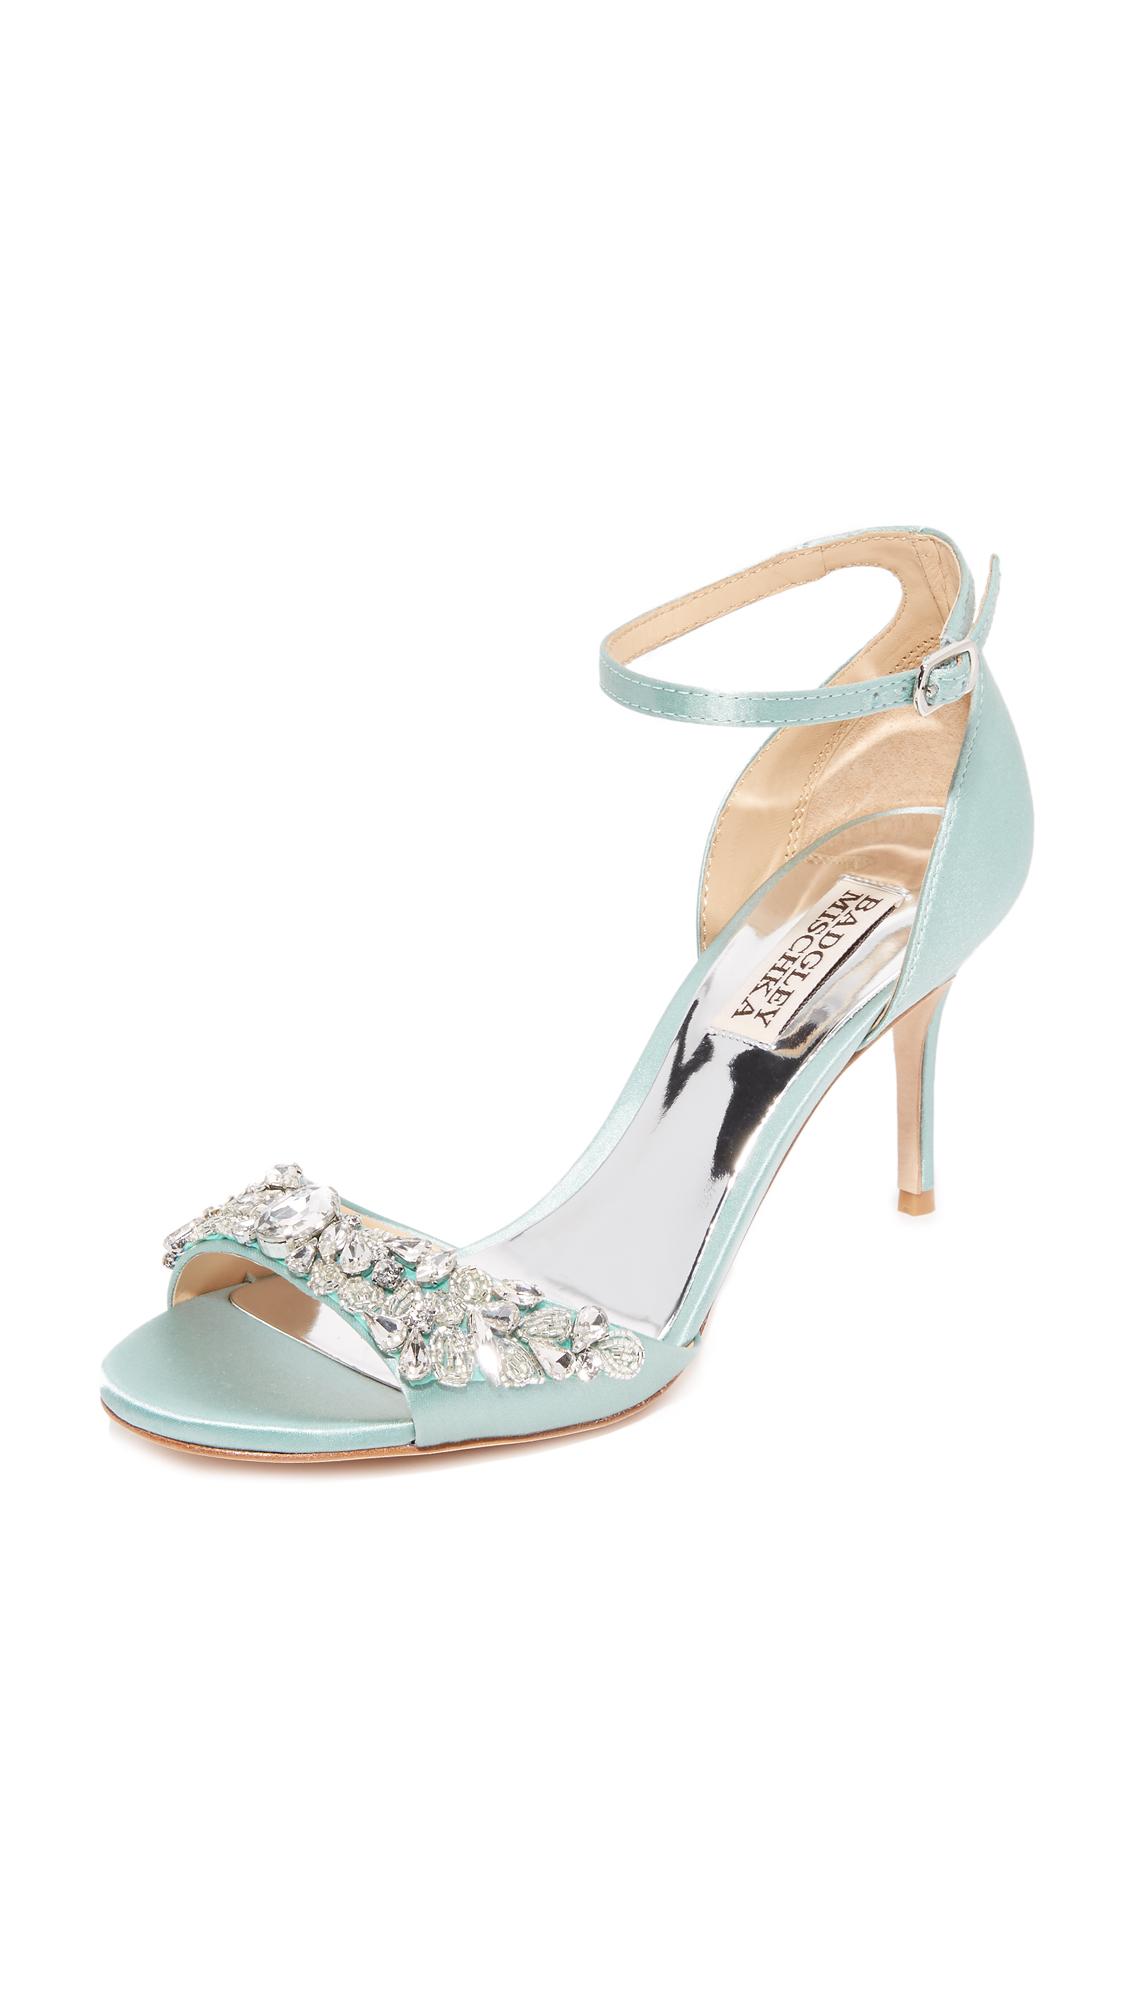 Photo of Badgley Mischka Bankston Sandals Blue Radiance - Badgley Mischka online